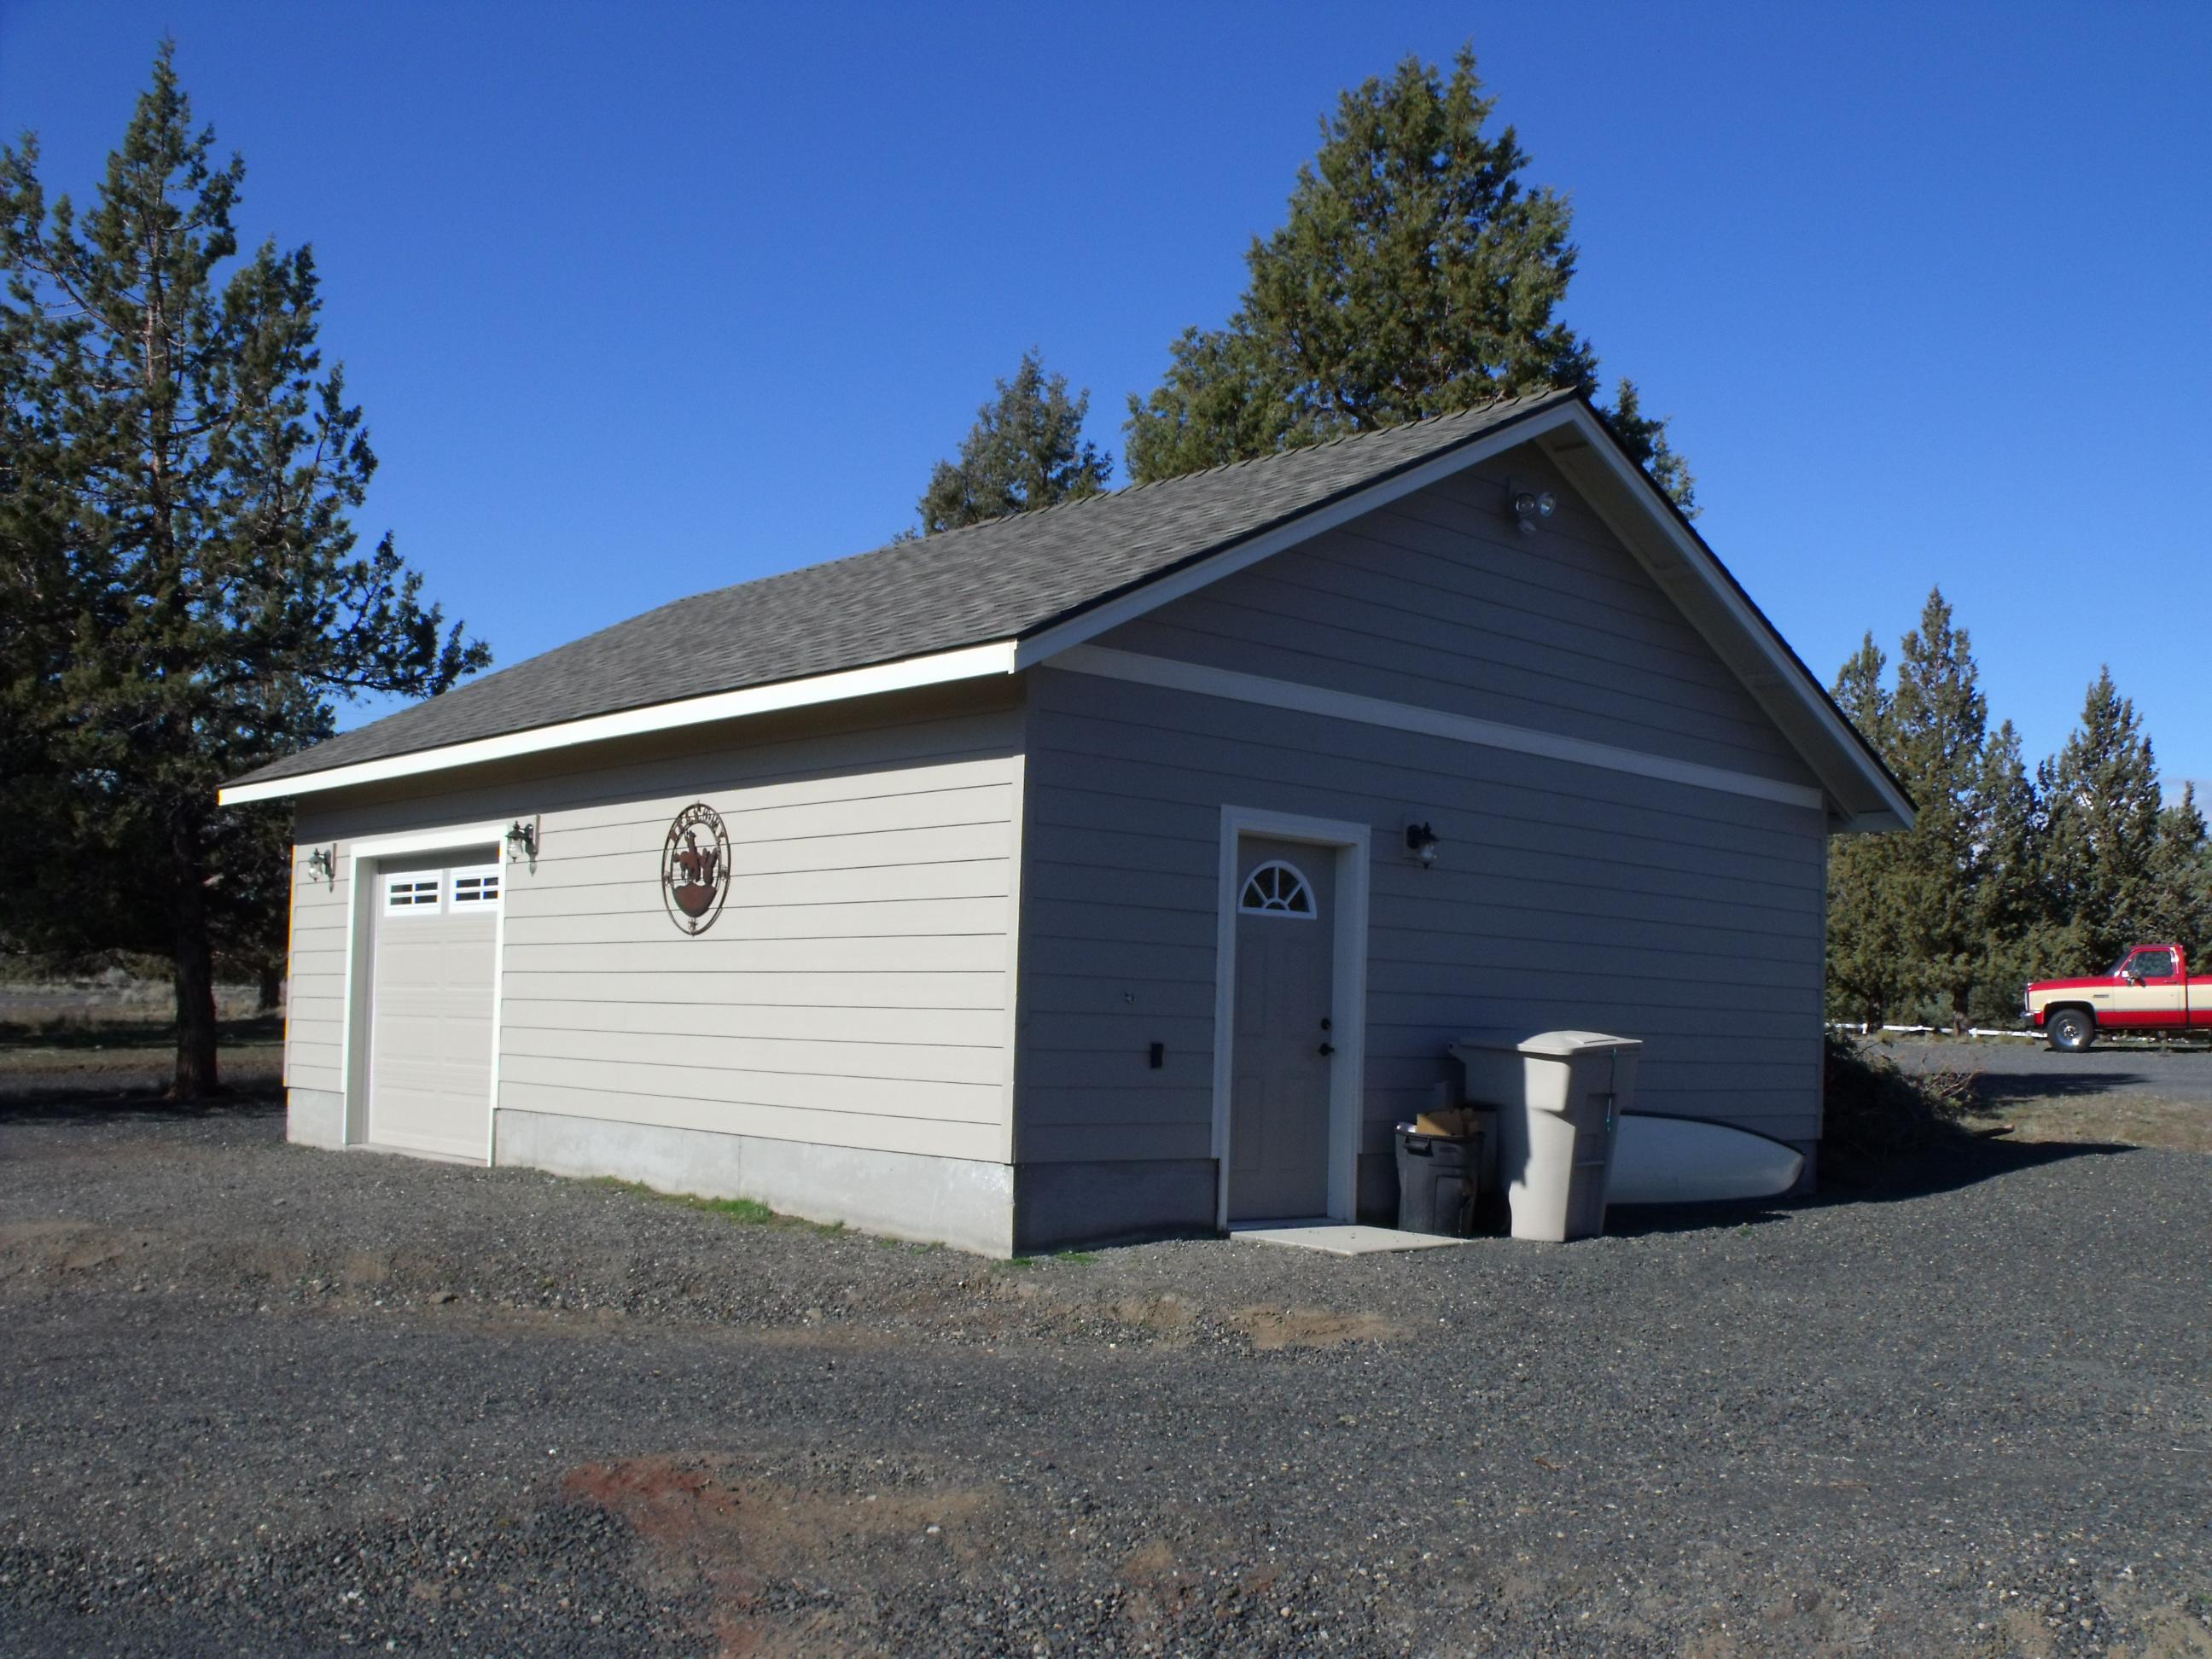 Detached Garage Michael R Taylor Construction